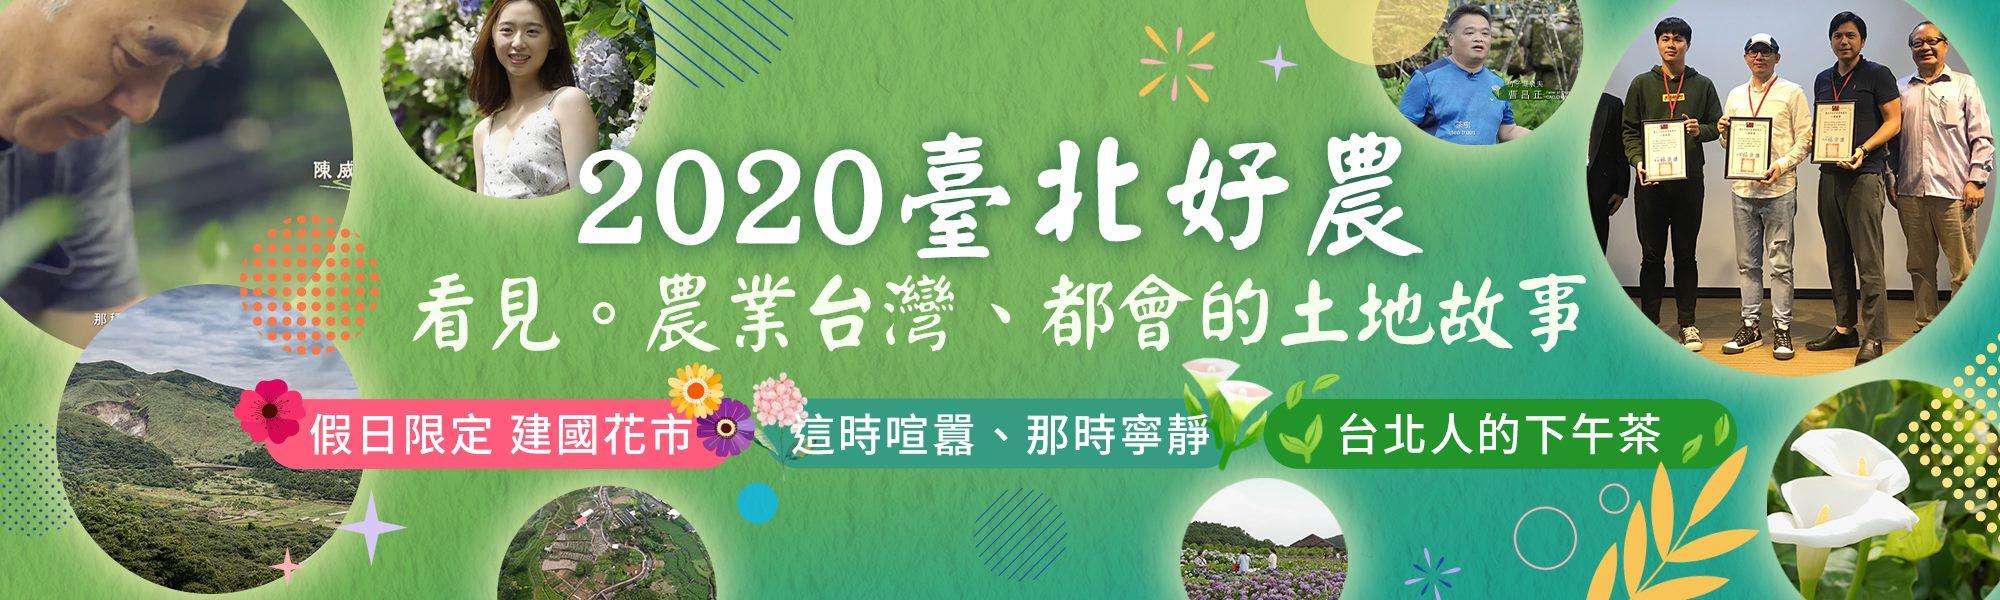 都會的土地故事《臺北好農印象》用紀錄片帶你看見。農業台灣